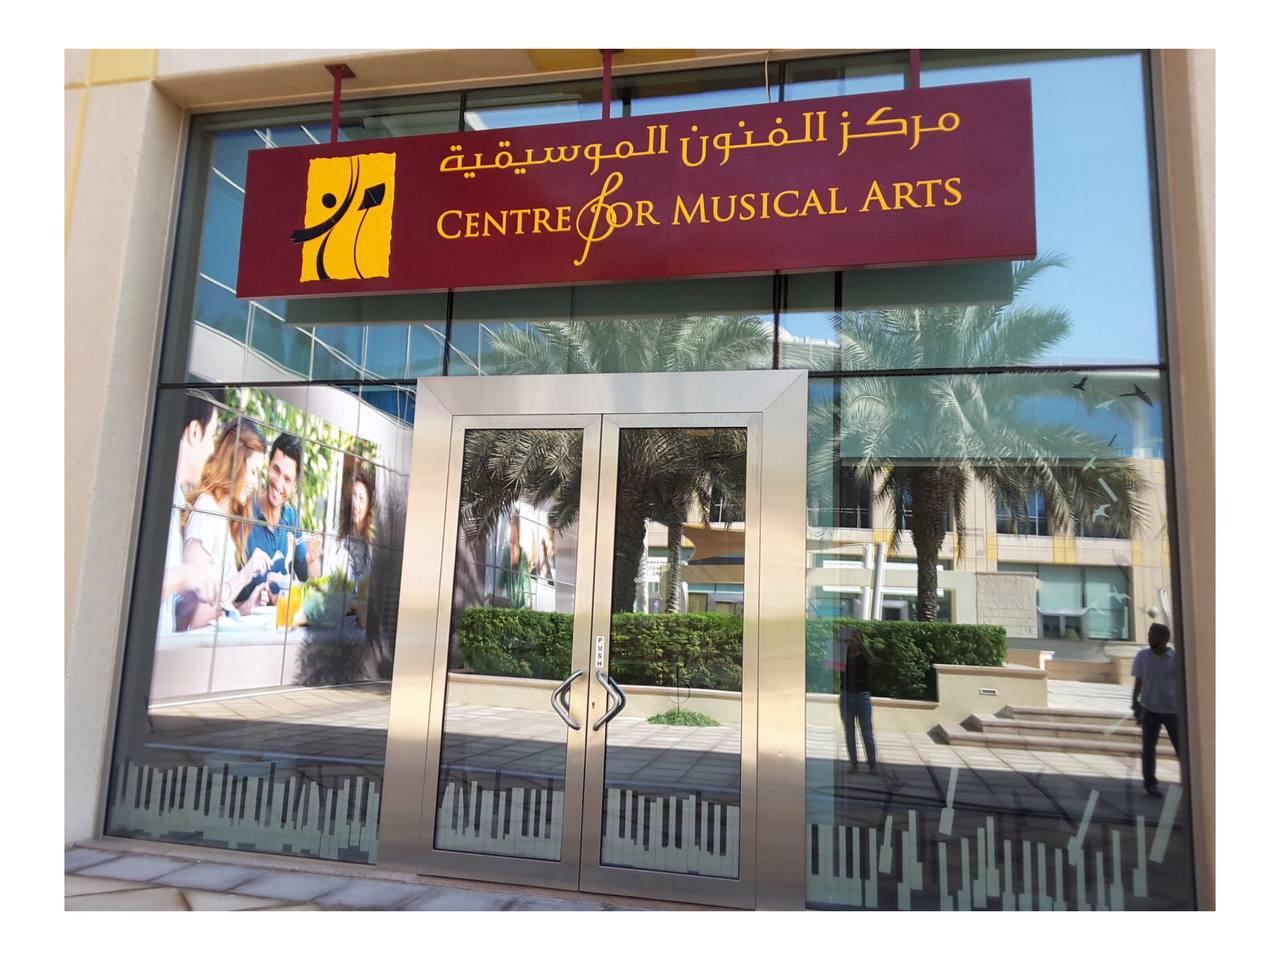 الوظائف المتاحة في مركز الفنون الموسيقية بدبي | Centre for Musical Arts - بتاريخ 3-05-2021 .